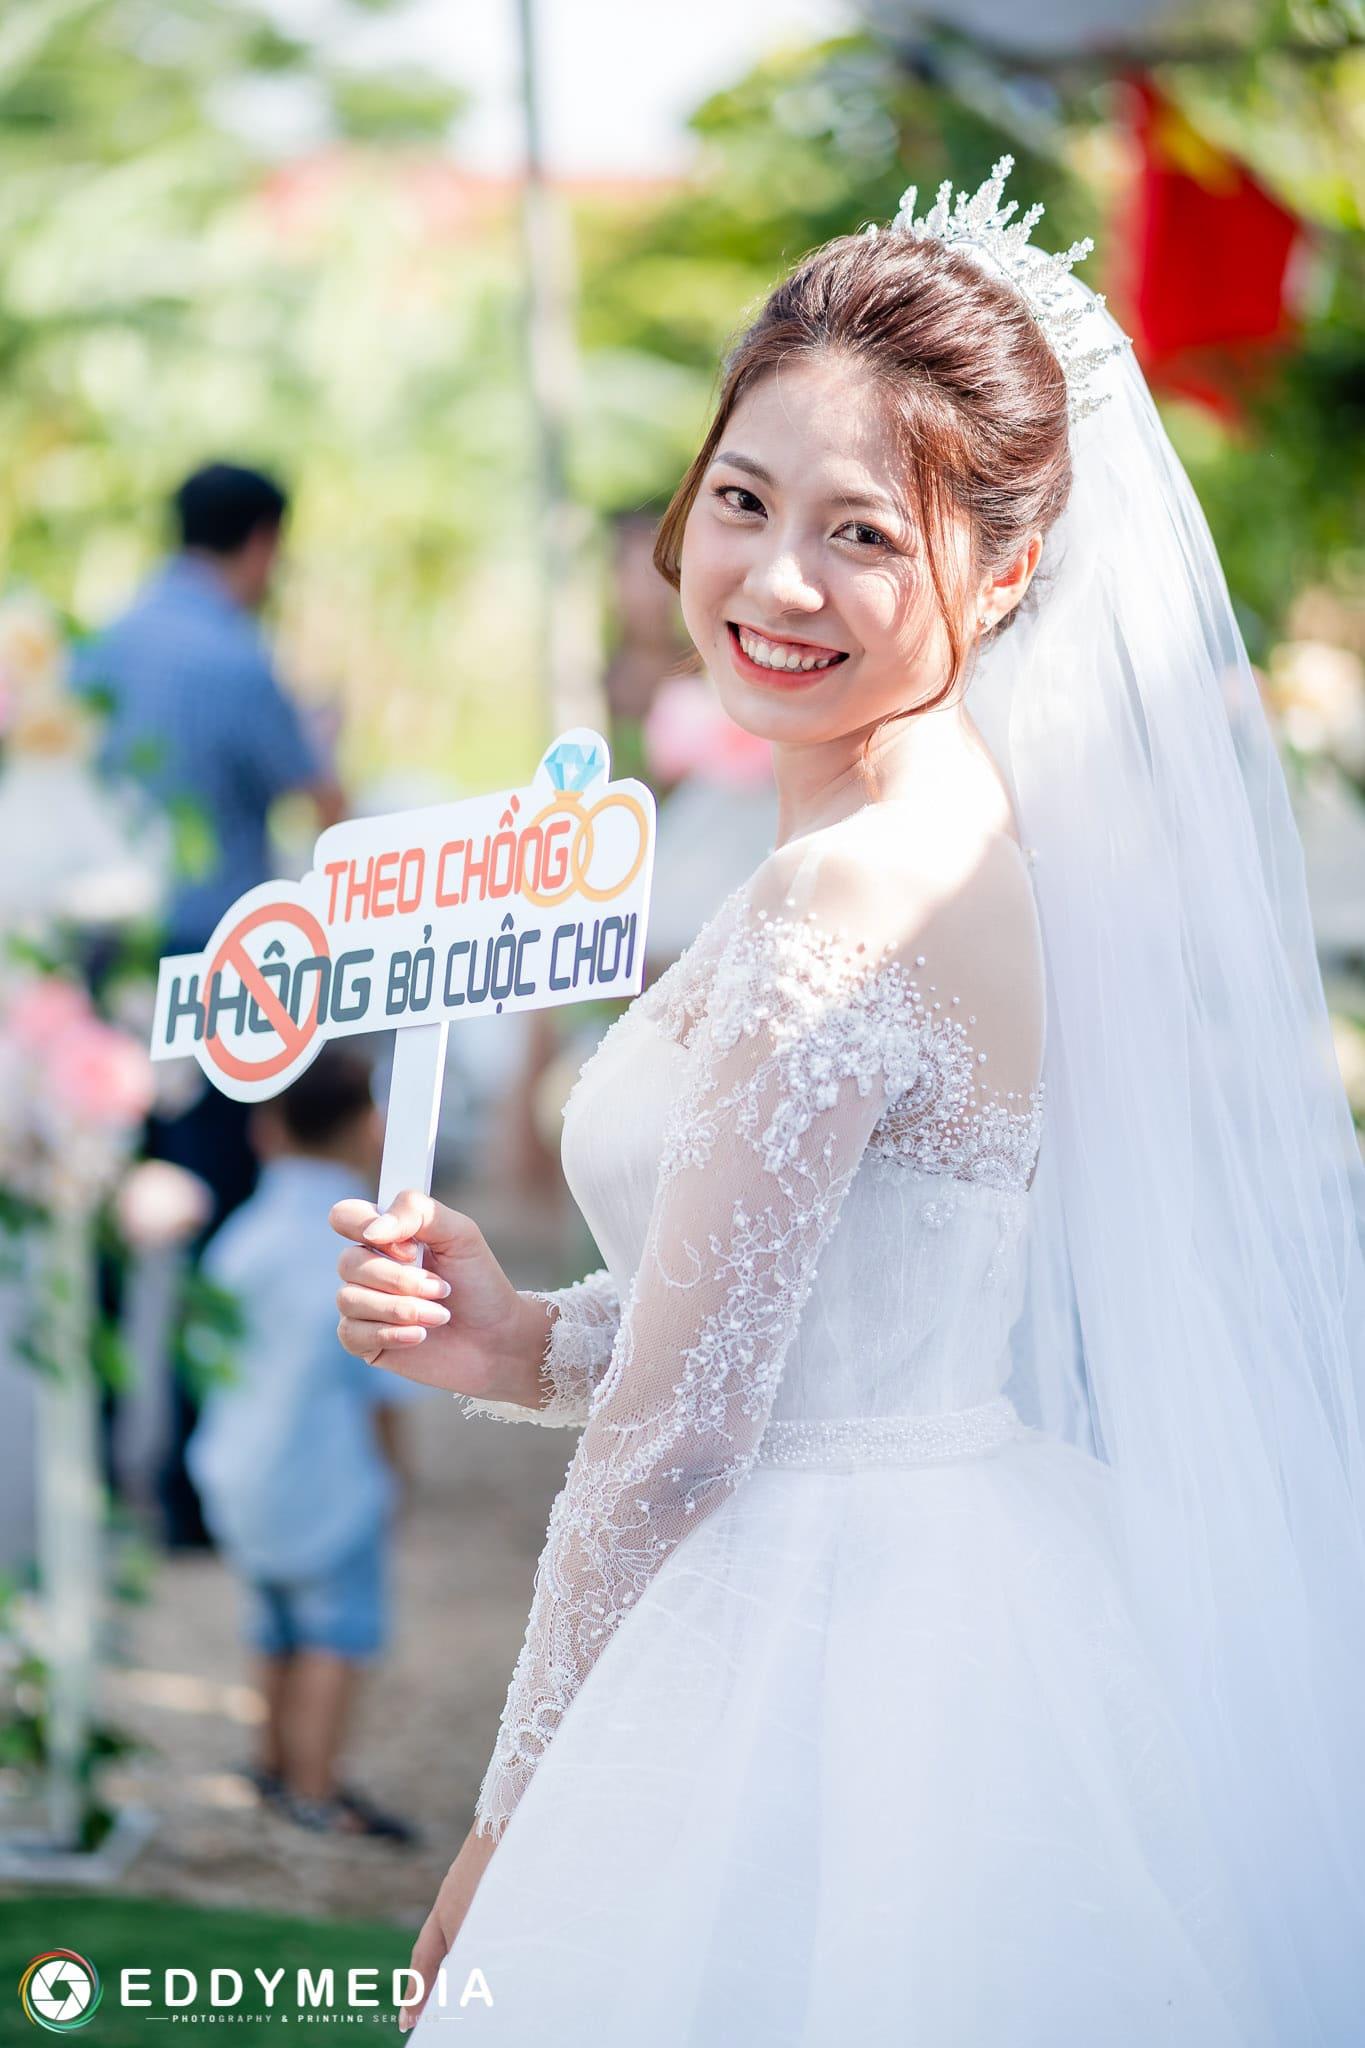 bảng cầm tay chụp hình đám cưới